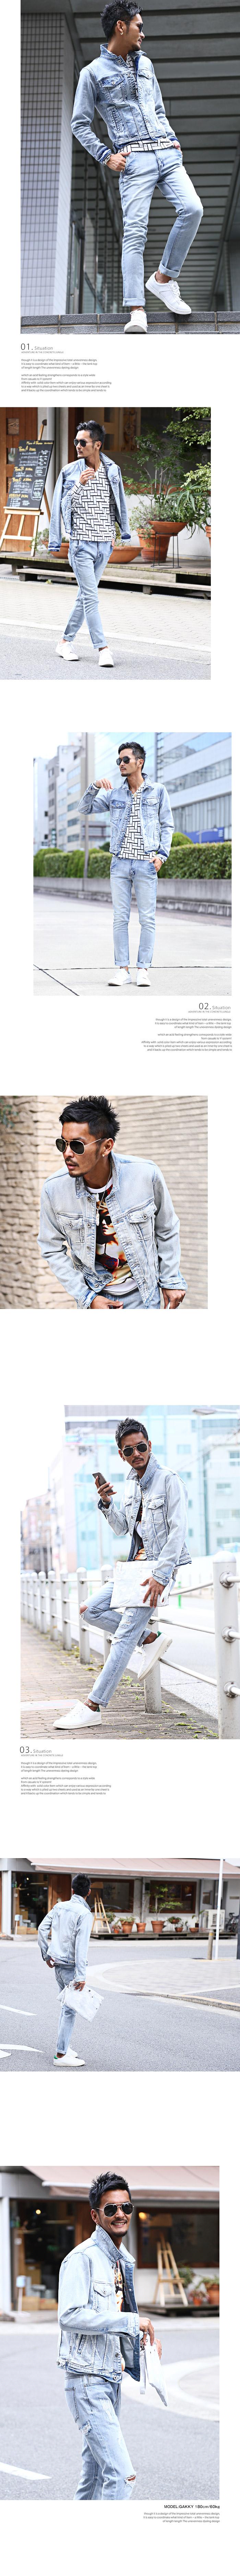 BITTER デニムジャケット Gジャン デニム ジャケット カットデニム ストレッチ ヴィンテージ ブリーチ ユーズド トレンド サーフ ビター系 ファッション 服 通販 アウター イメージ